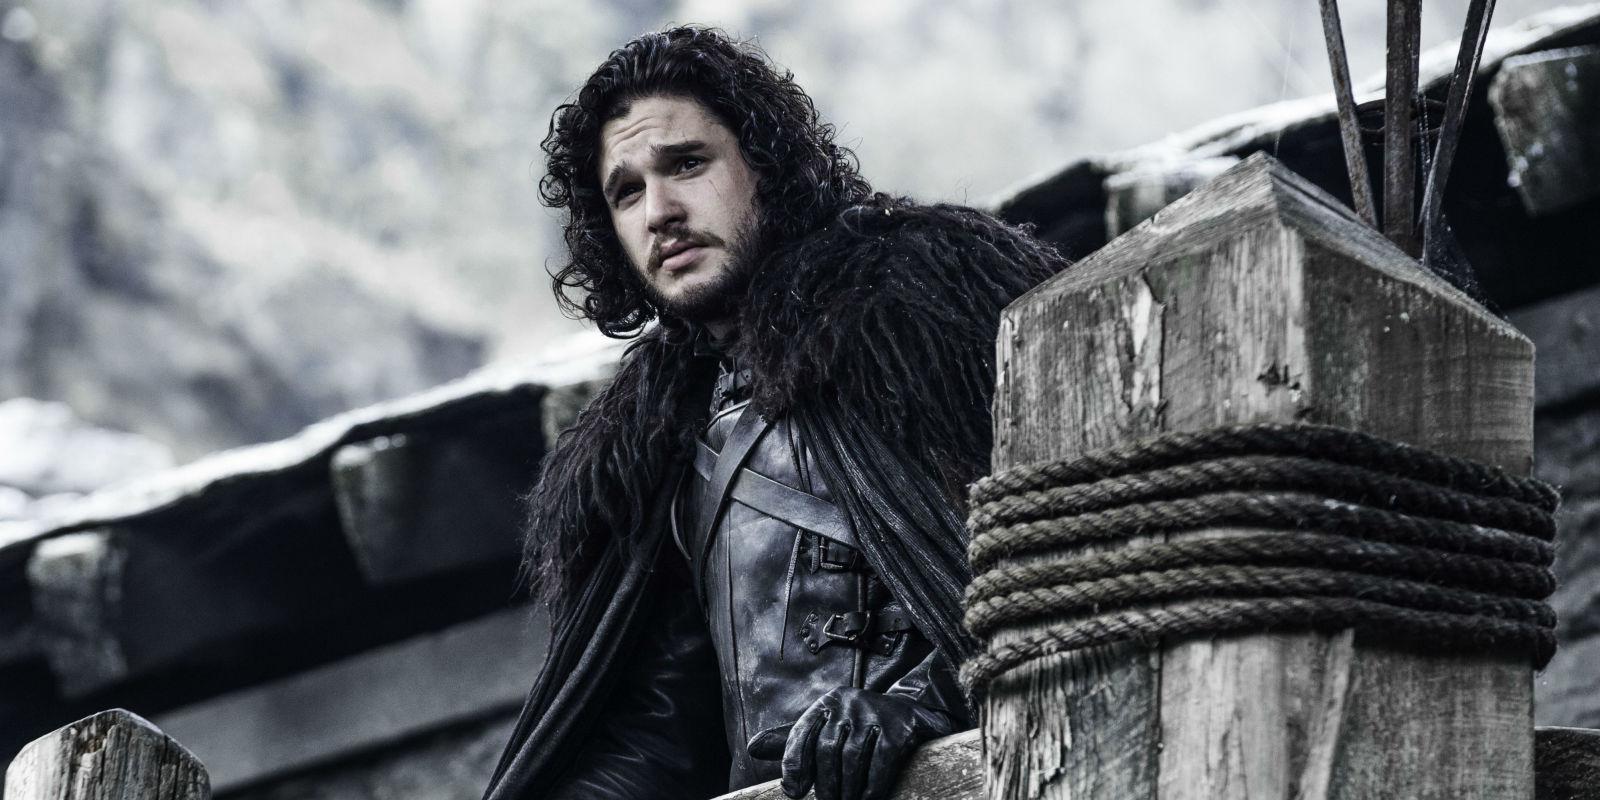 O vazamento da HBO foi pior que o imaginado – Tecnoblog